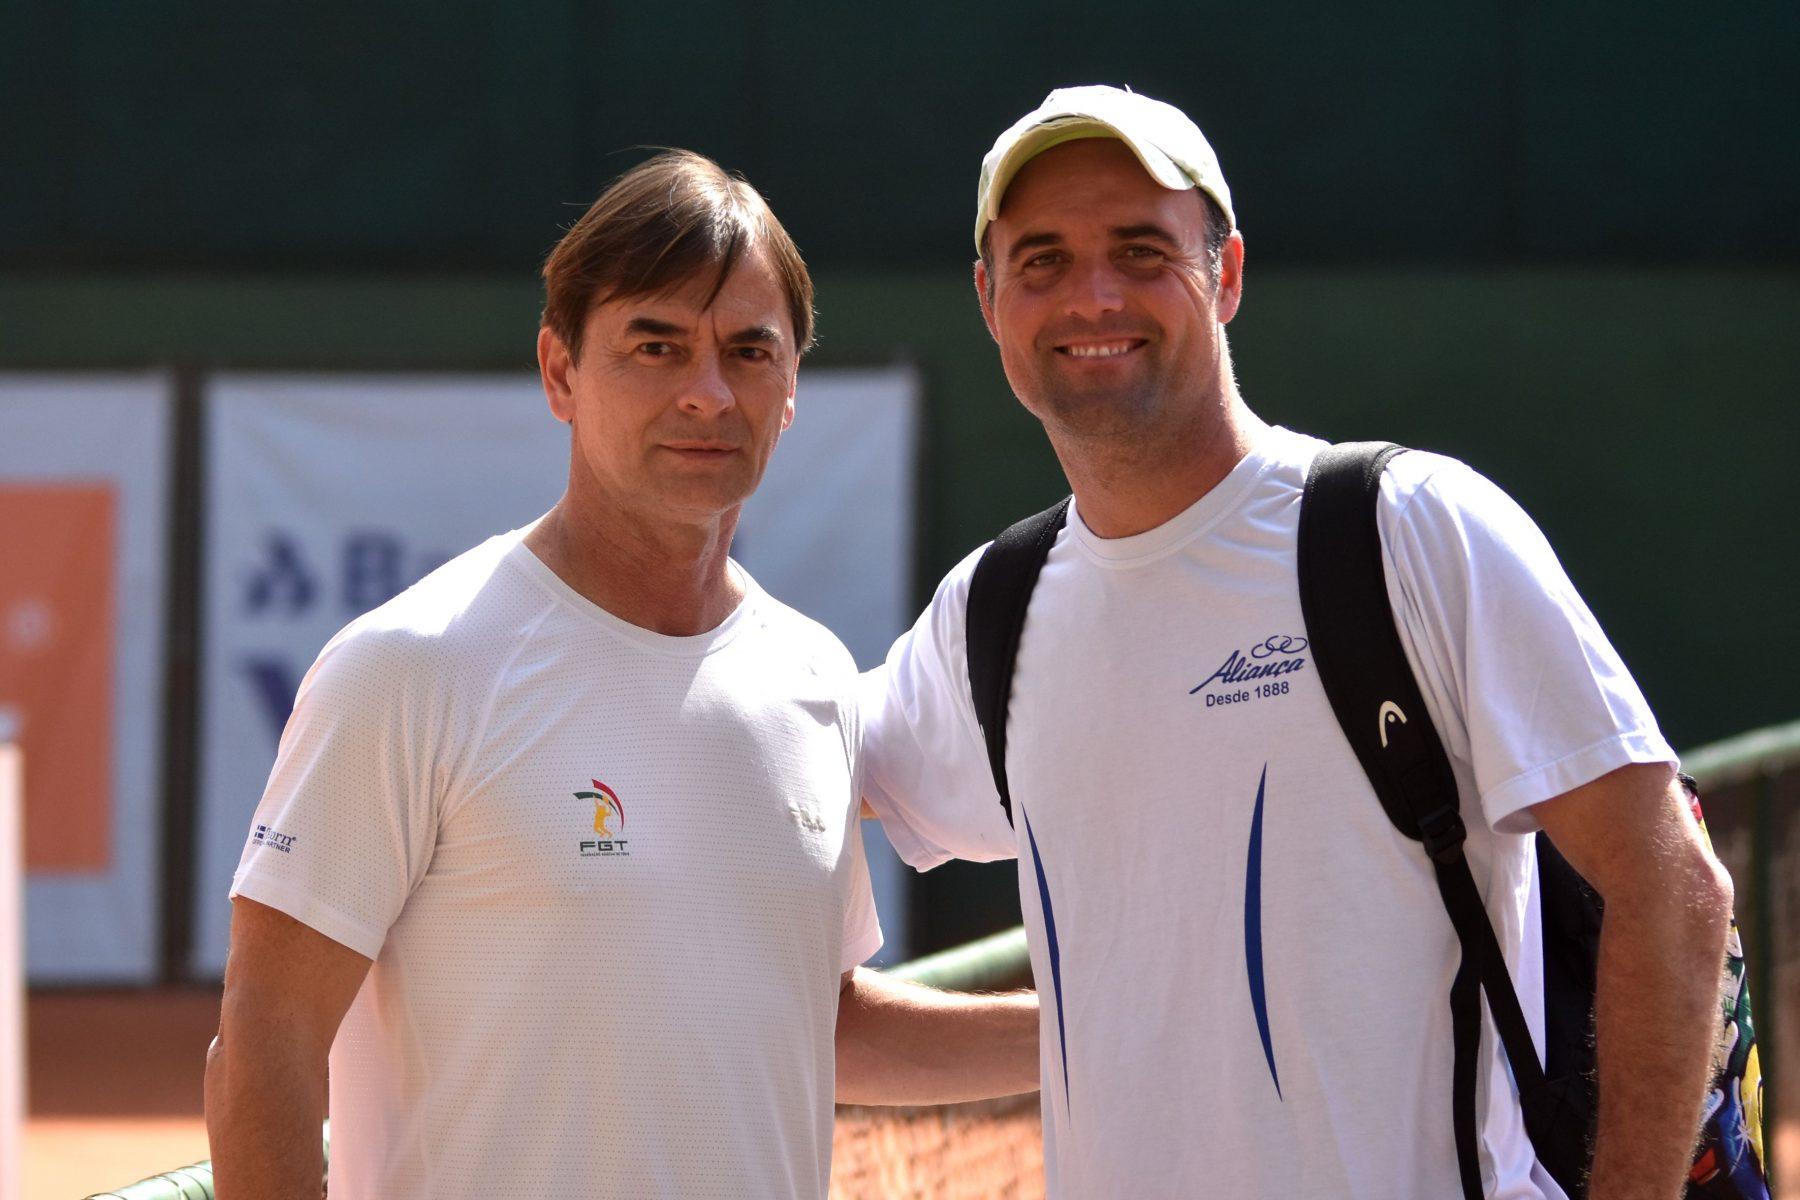 Torneo Tenis (16)